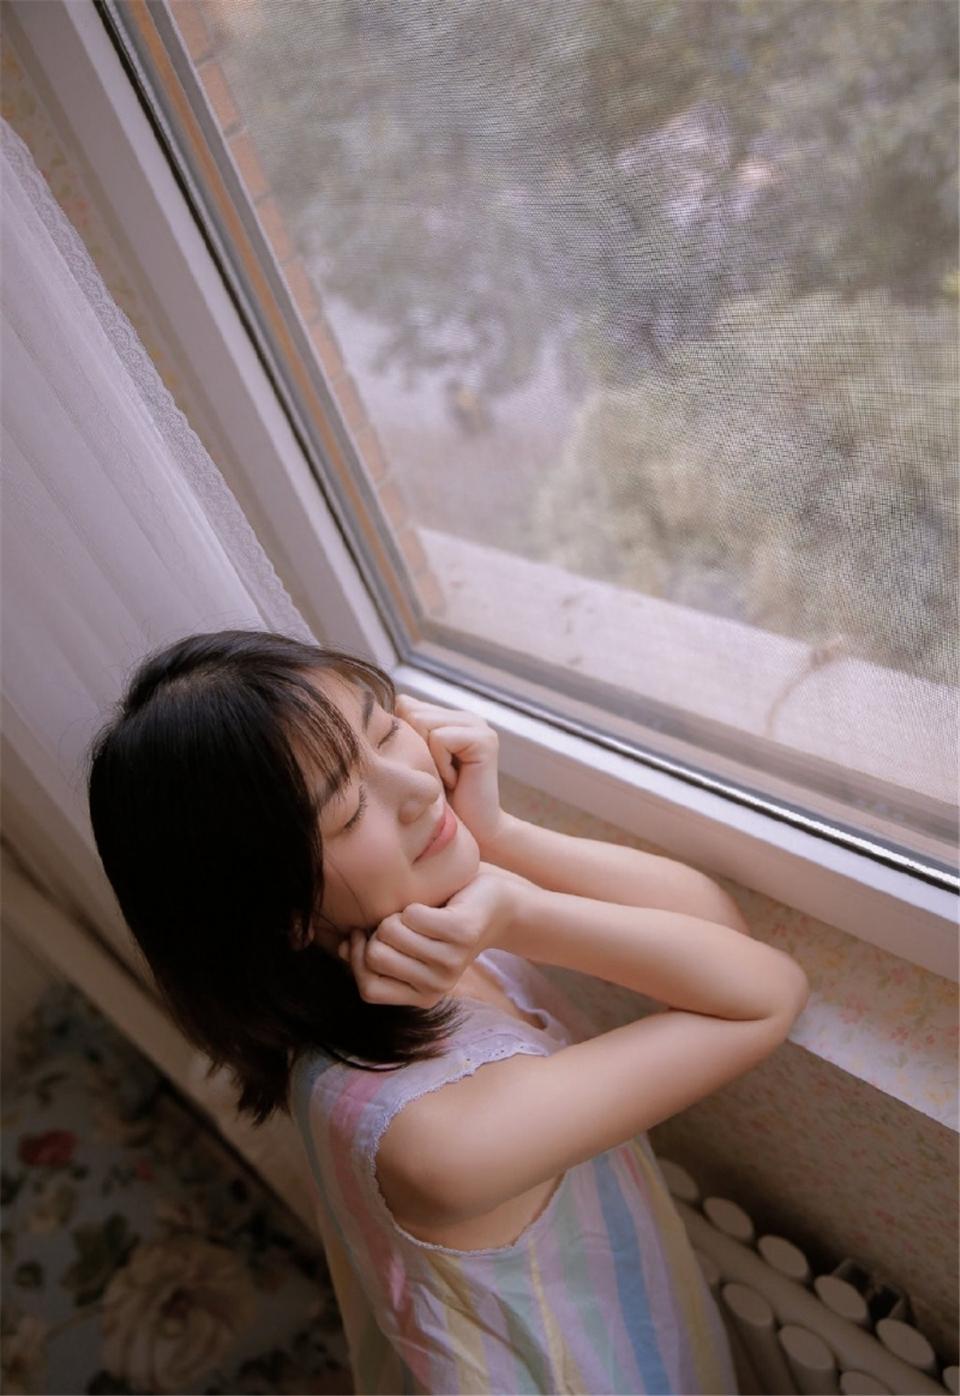 床上小女人乖巧可爱图片